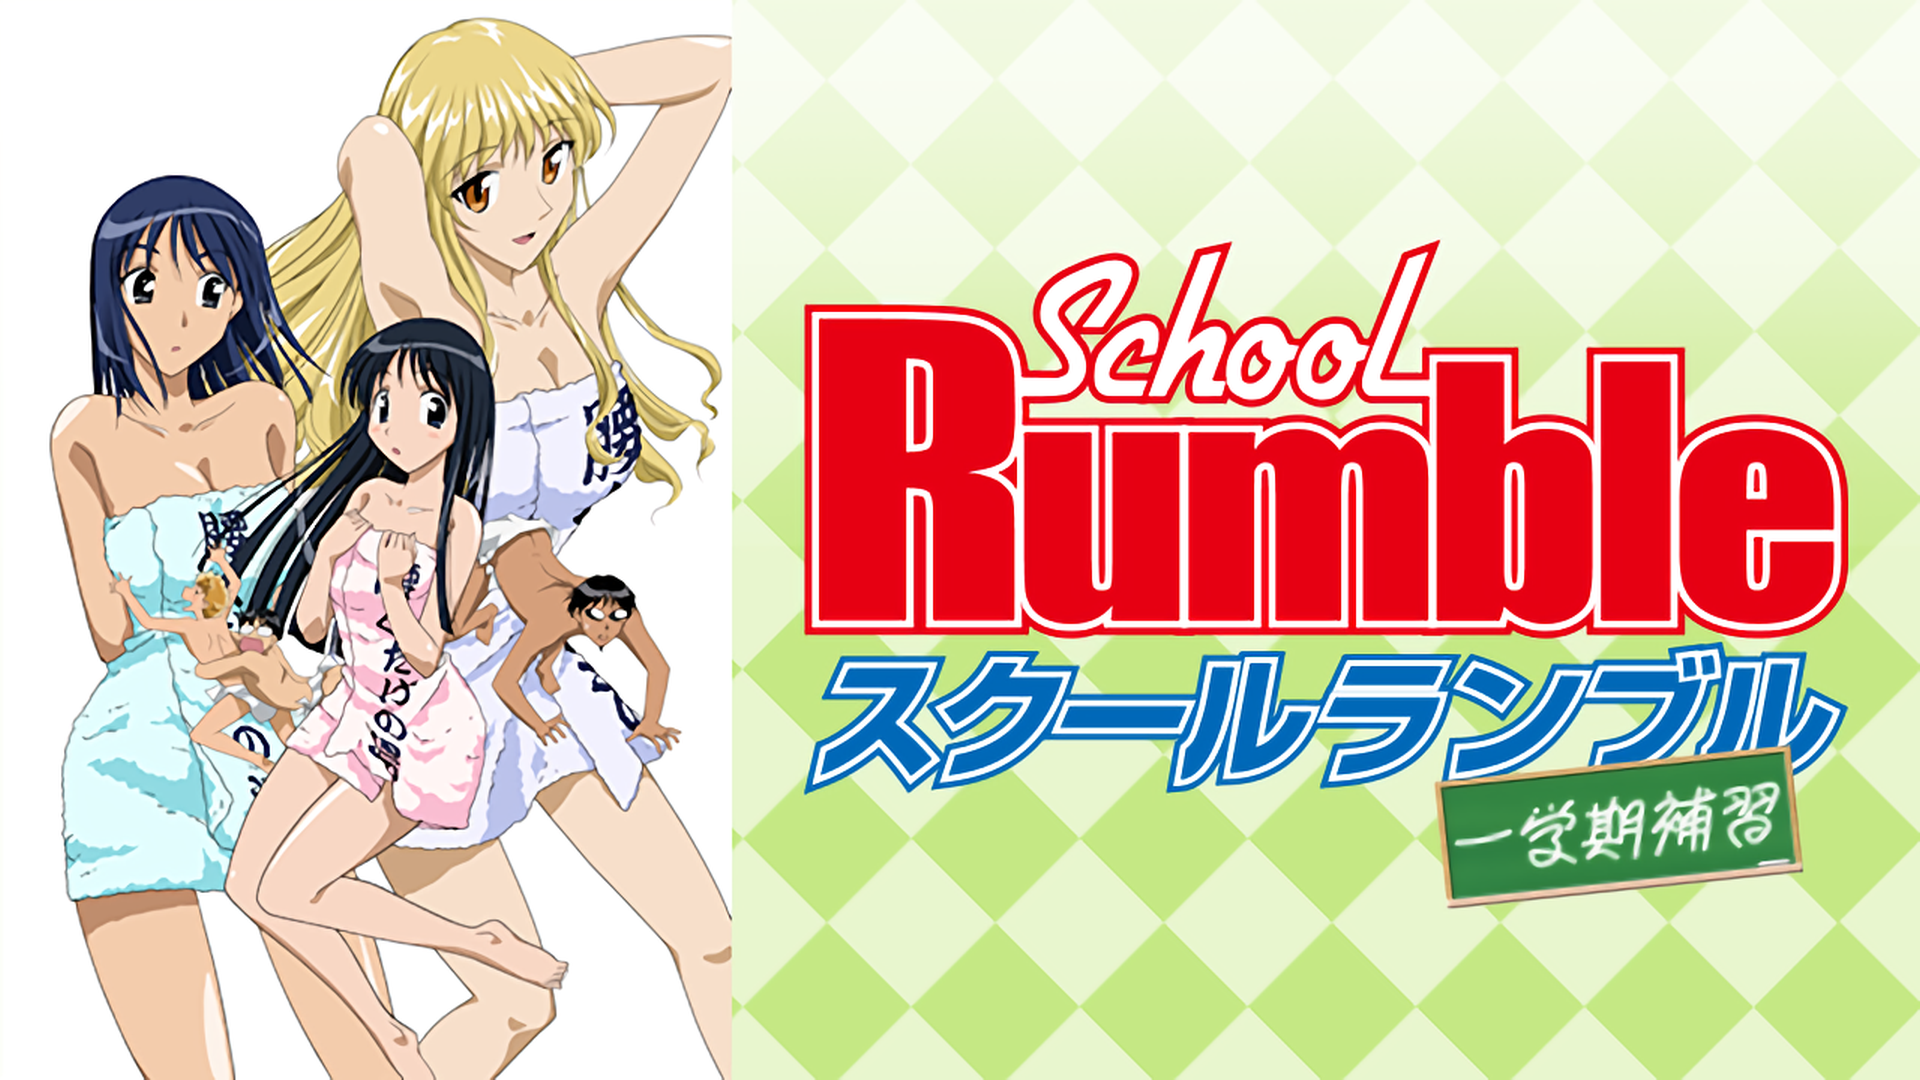 OVA「スクールランブル一学期補習」